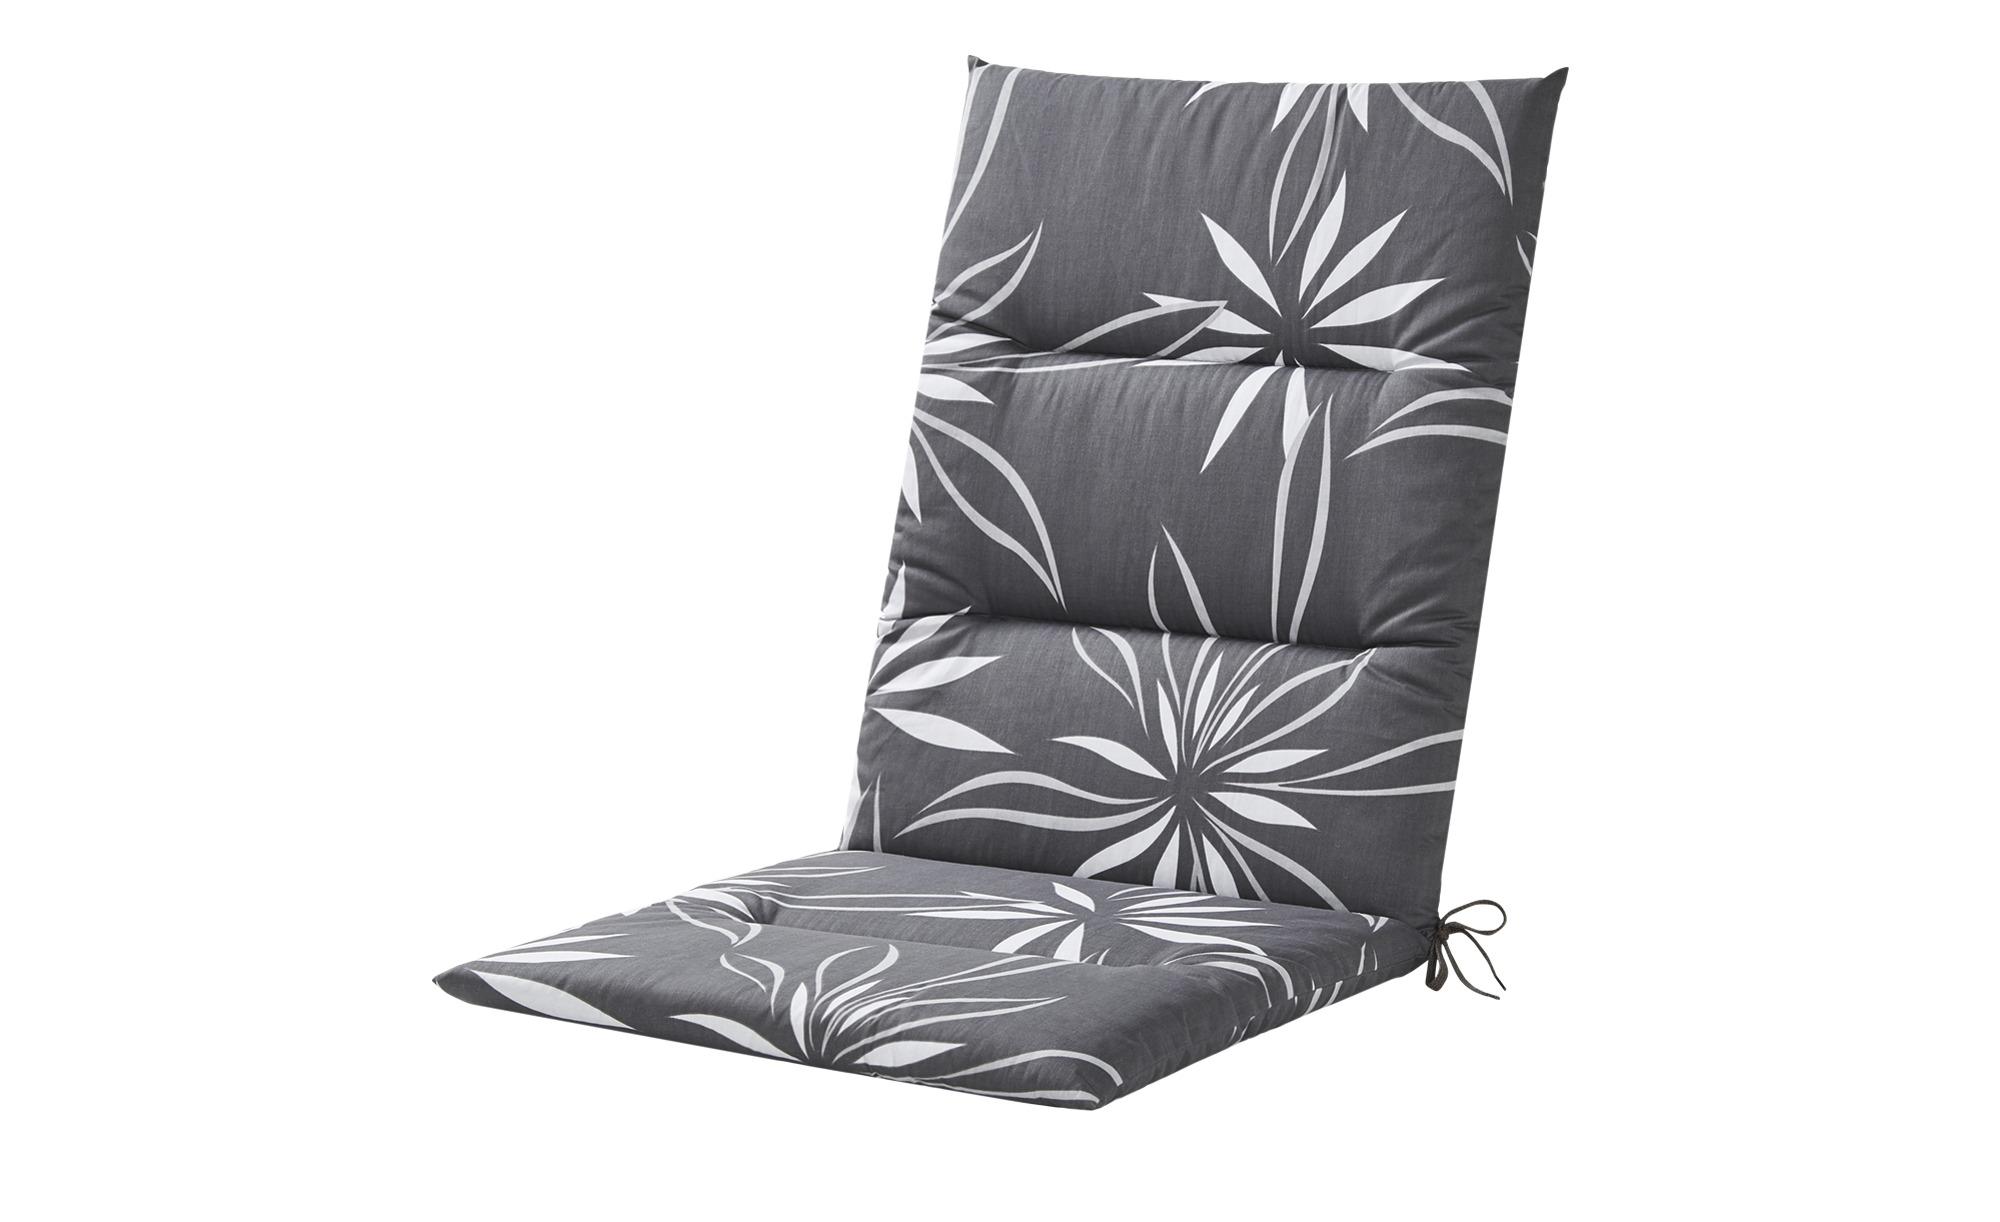 KETTLER Polska Auflage  Grey Bloom Alutex ¦ grau ¦ Maße (cm): B: 50 H: 4 Garten > Auflagen & Kissen > Mittellehner-Auflagen - Höffner